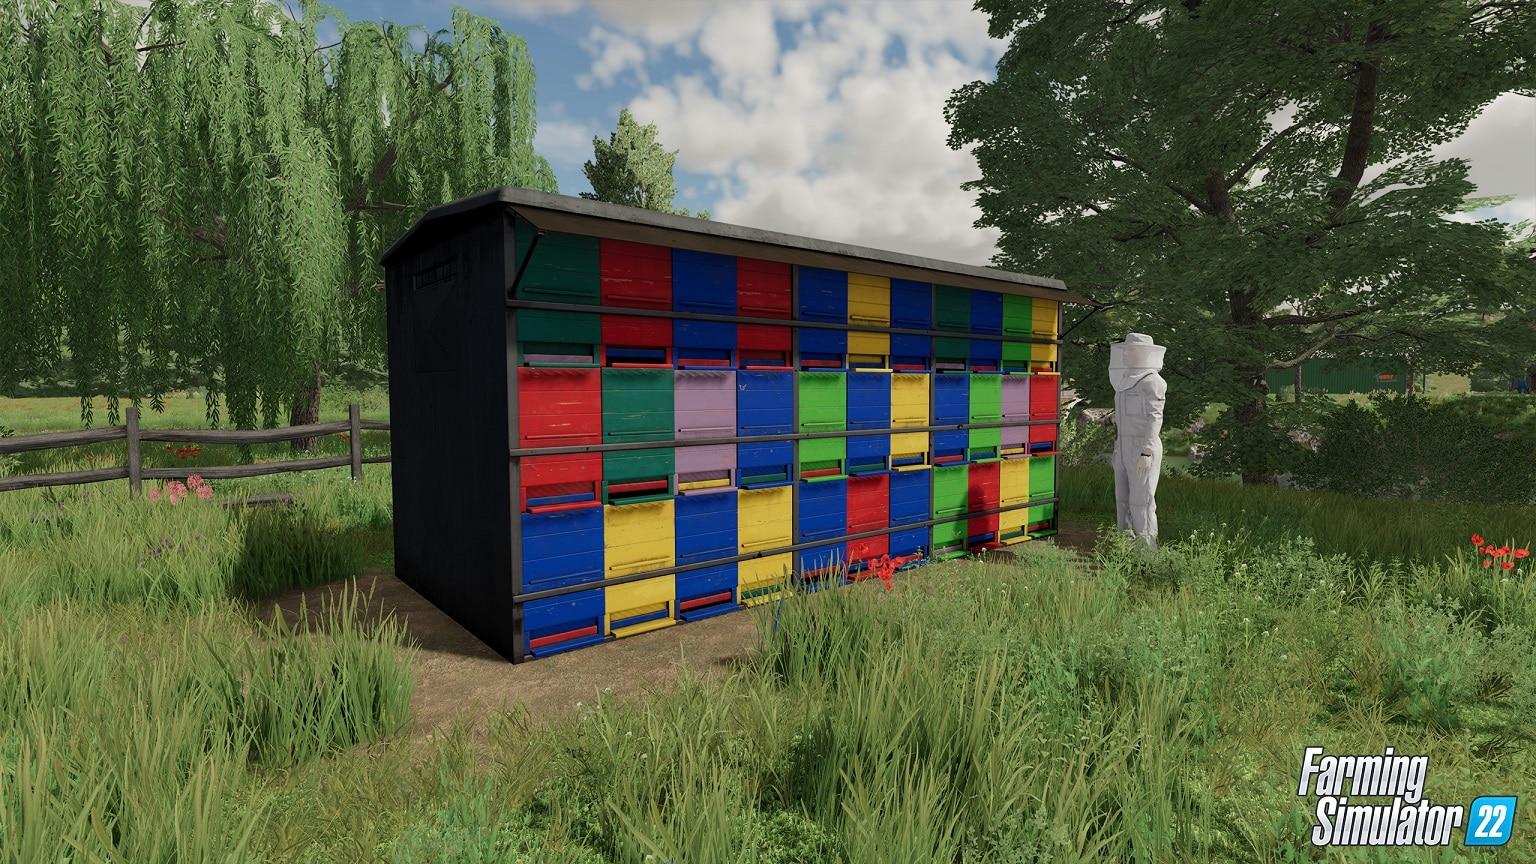 L'apicoltura e le serre sono in arrivo su Farming Simulator 22 thumbnail